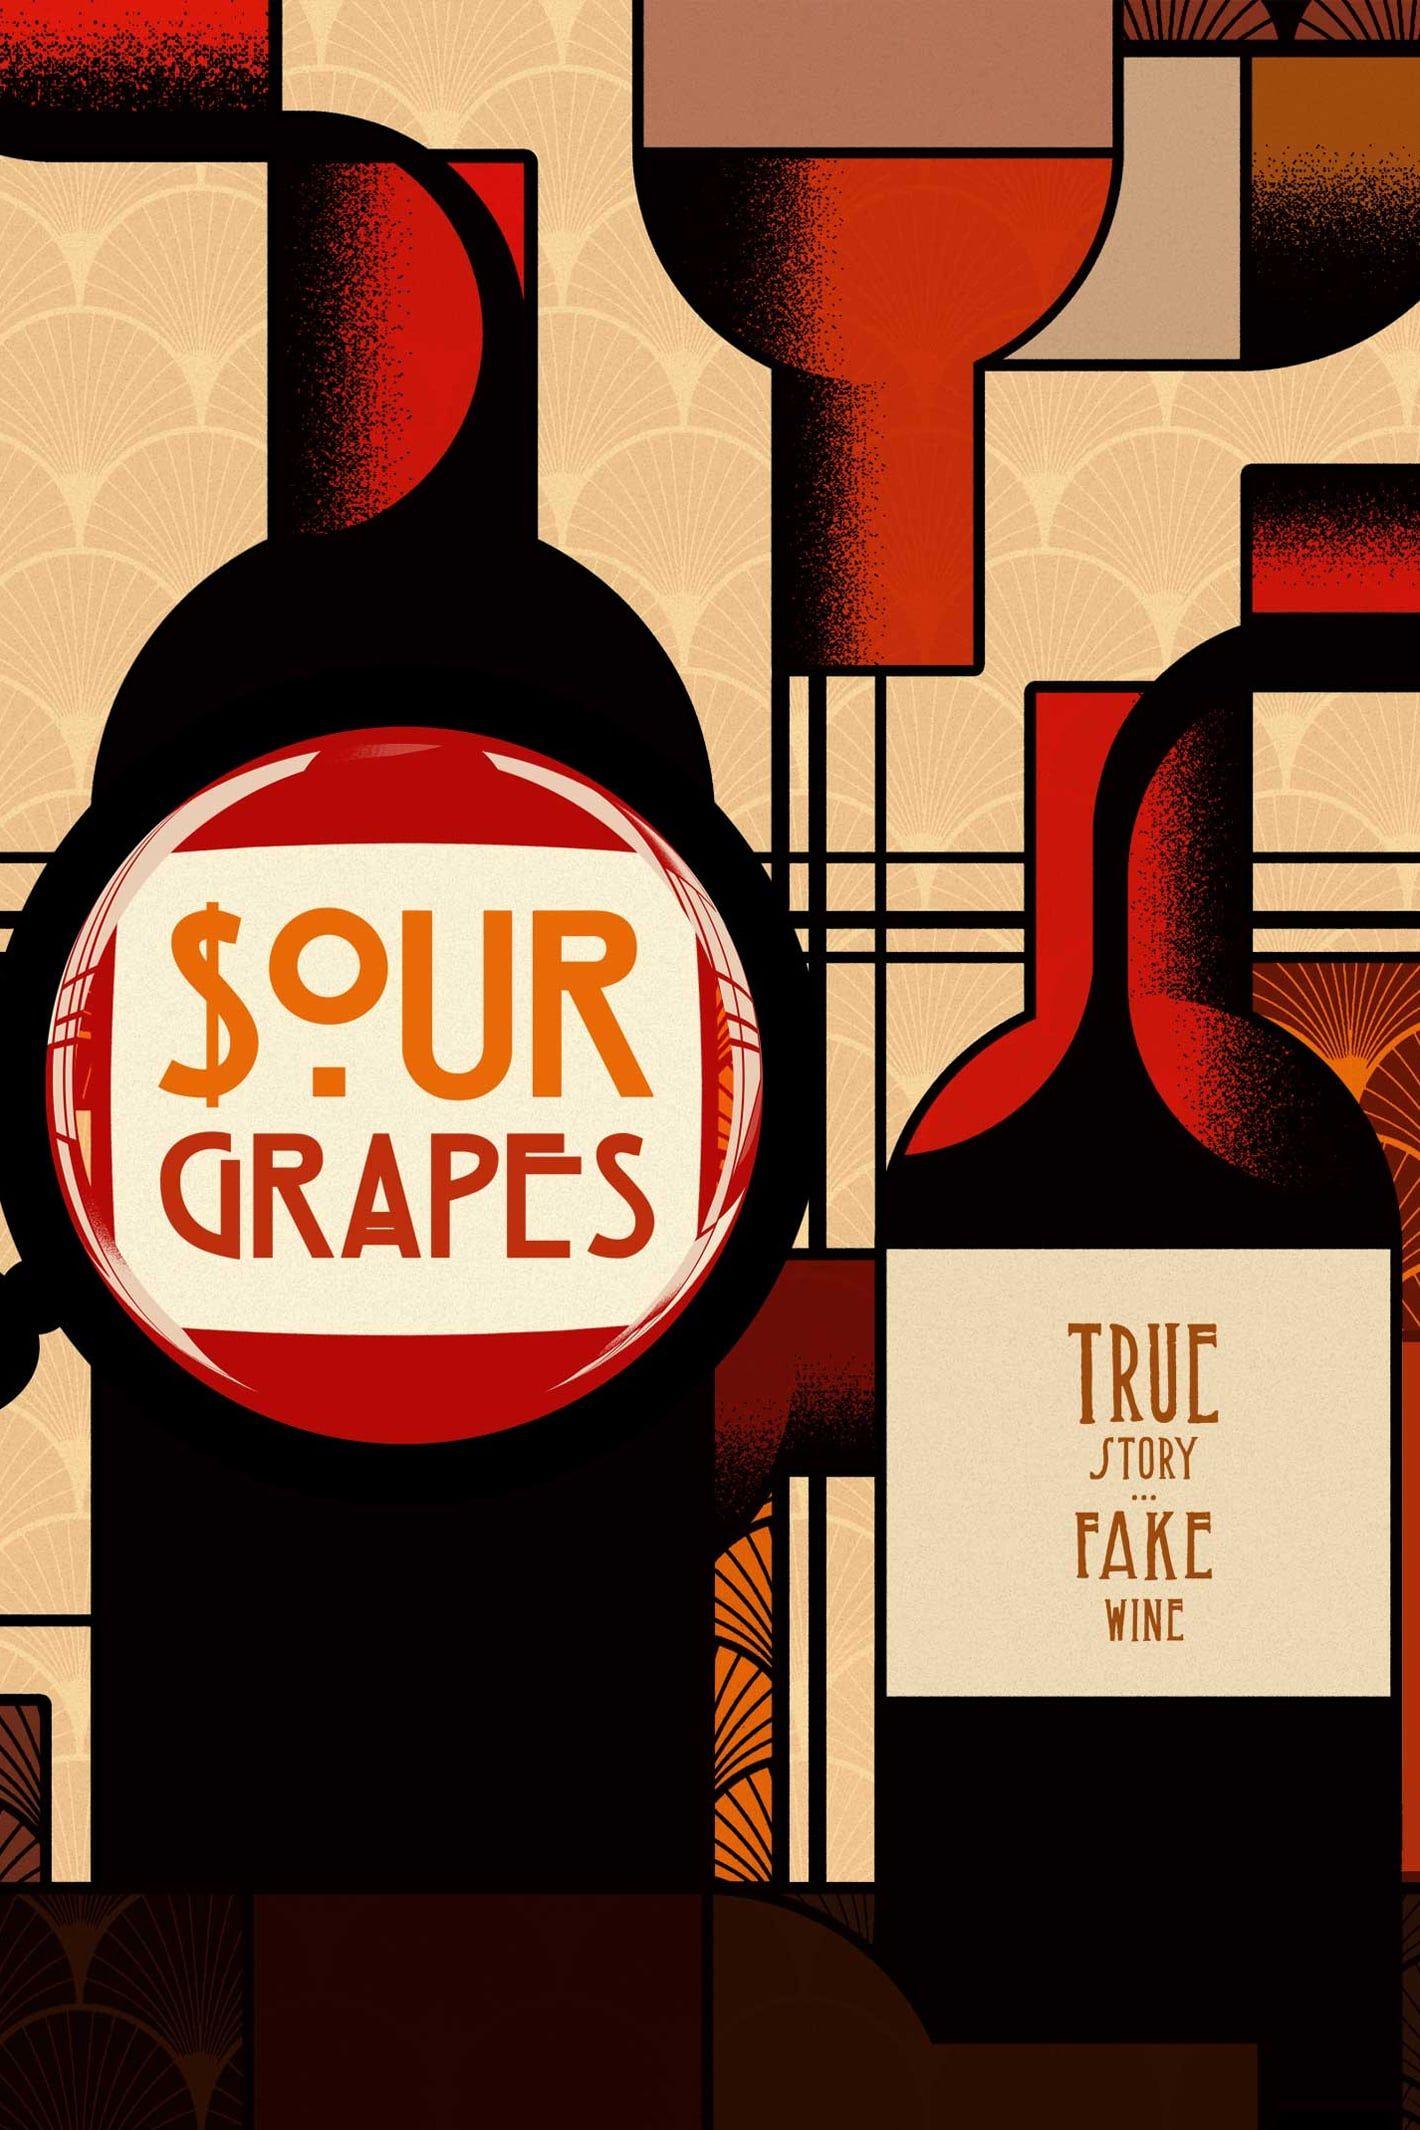 """Résultat de recherche d'images pour """"sour grapes affiche"""""""